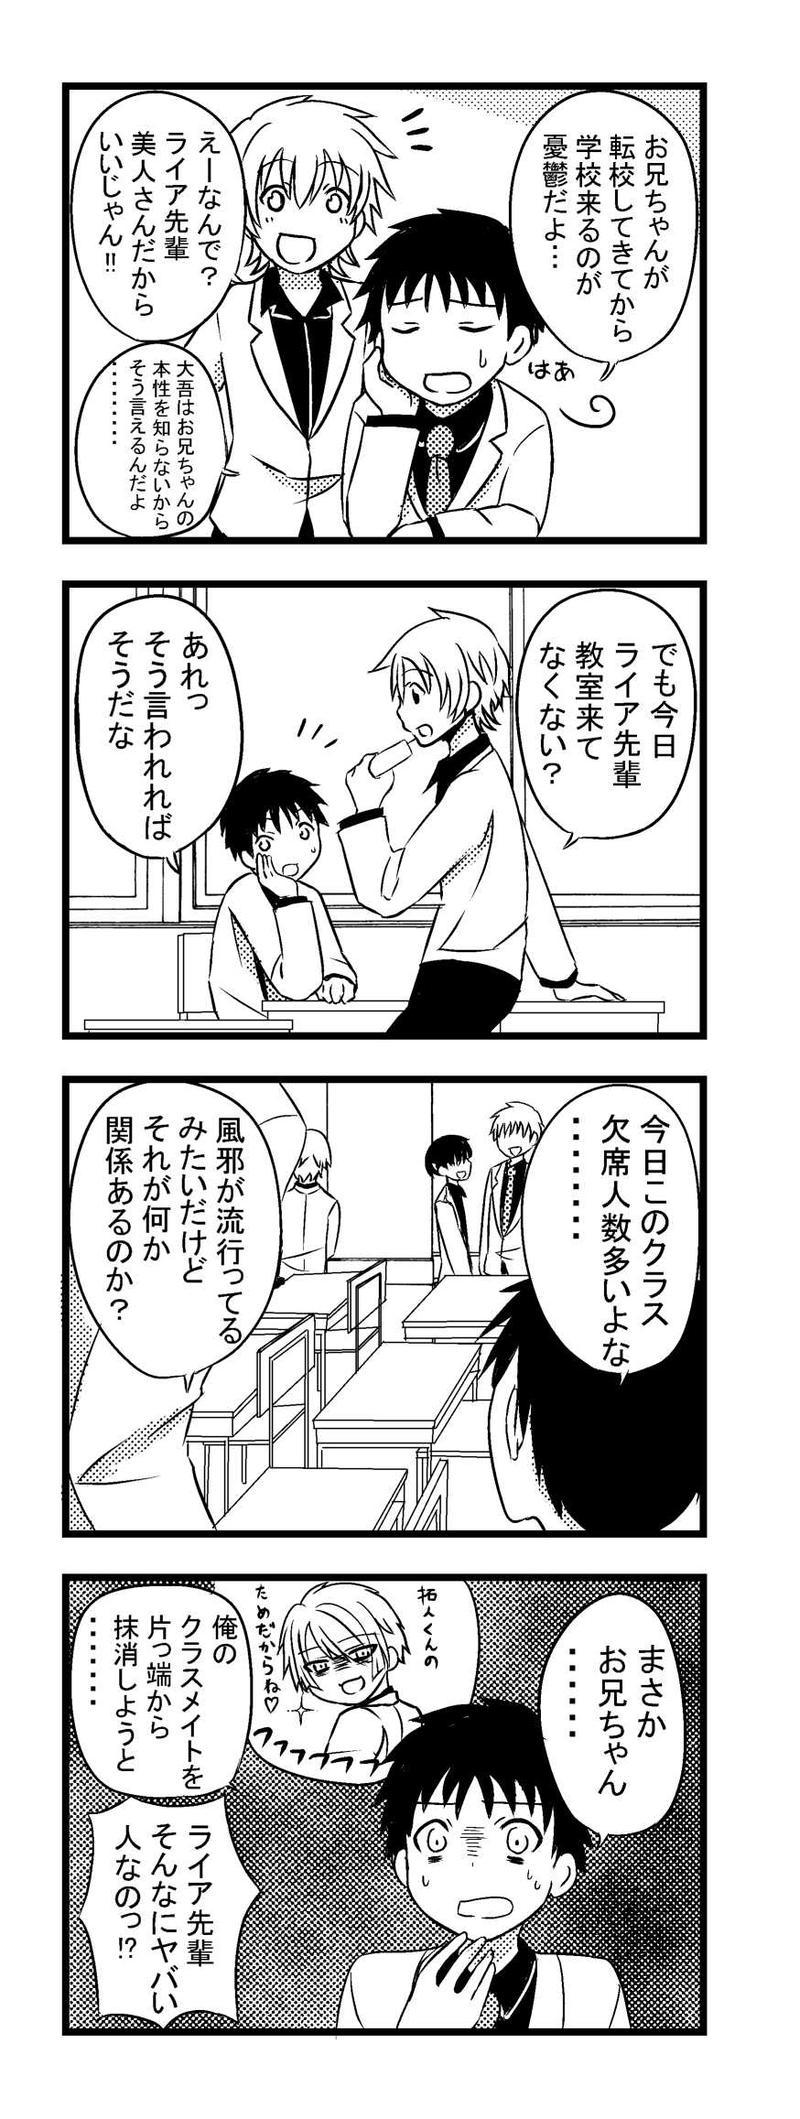 第5話【お兄ちゃんと福田部長】